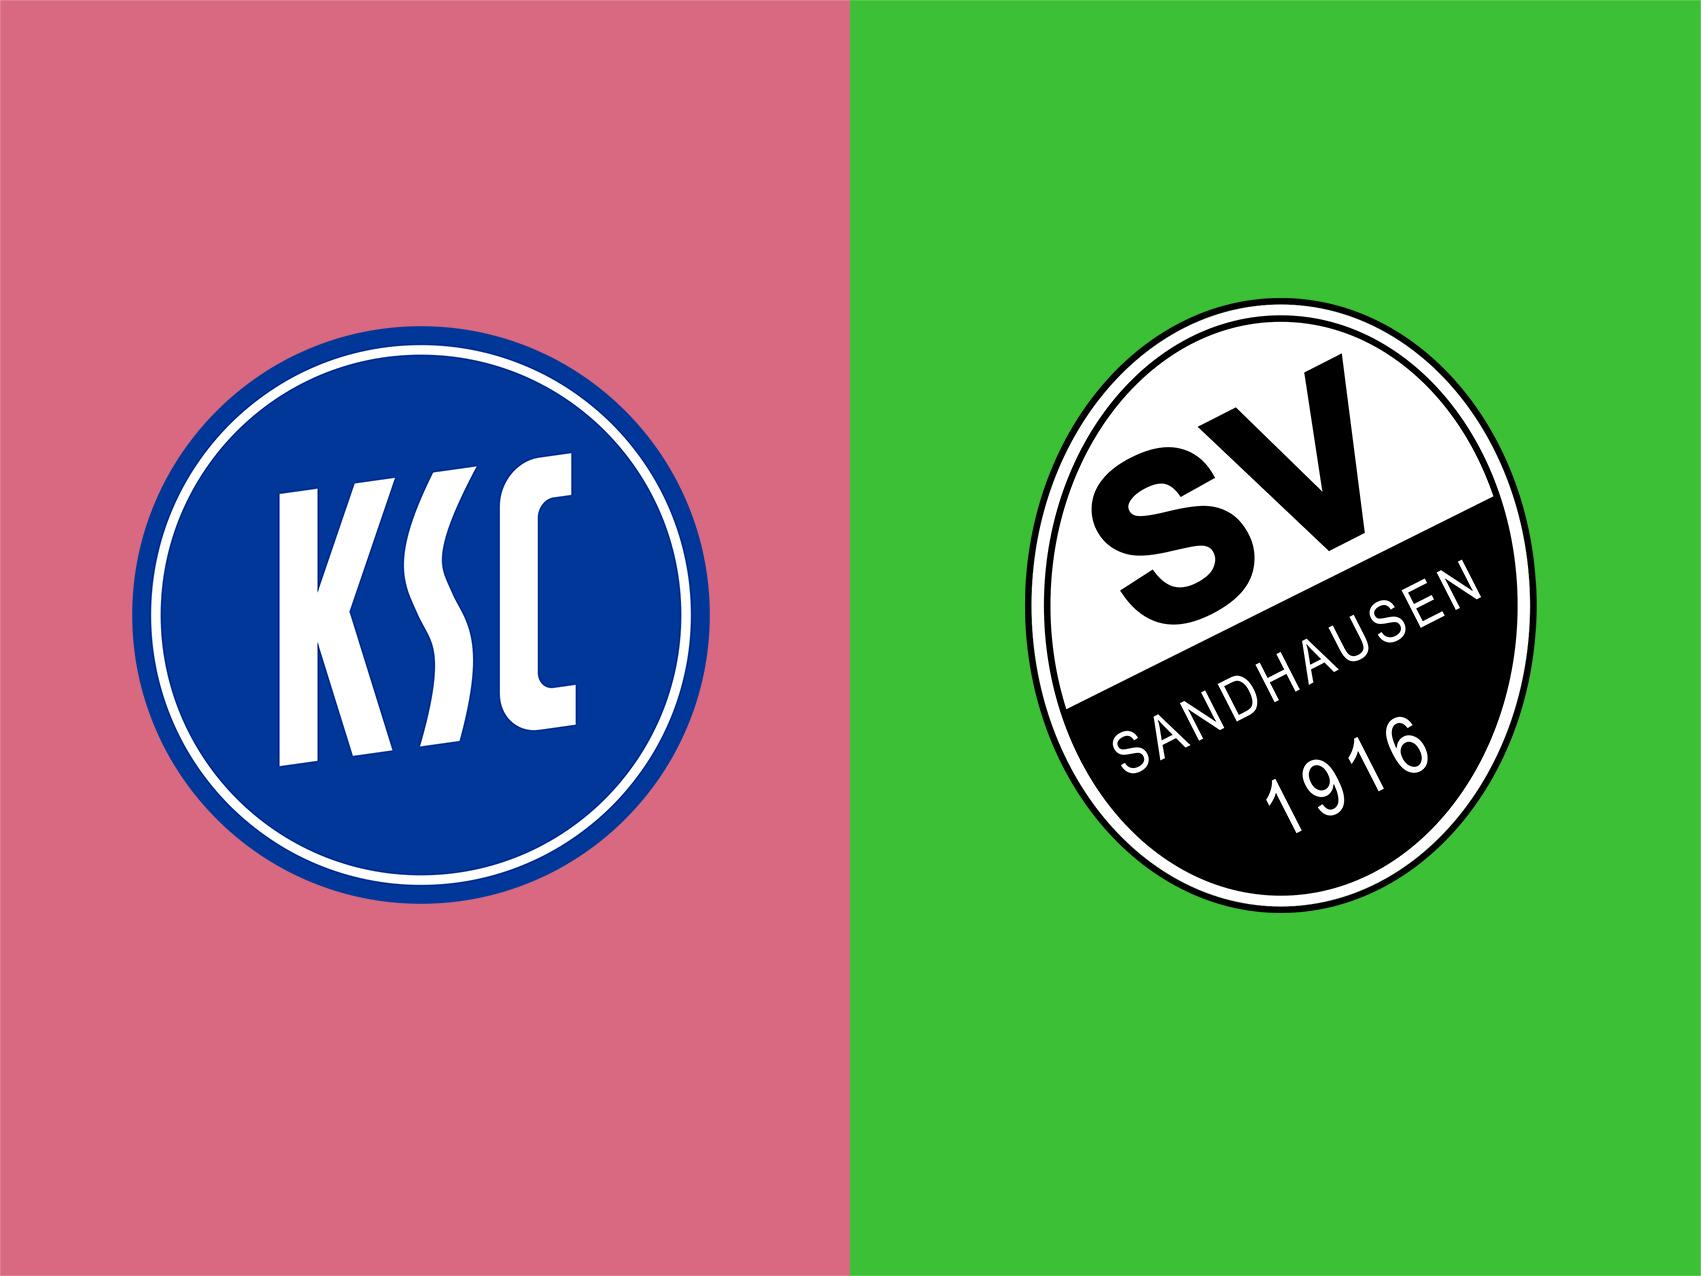 soi-keo-ca-cuoc-bong-da-ngay-13-9-karlsruher-vs-sandhausen-chu-nha-kho-thang-b9 1